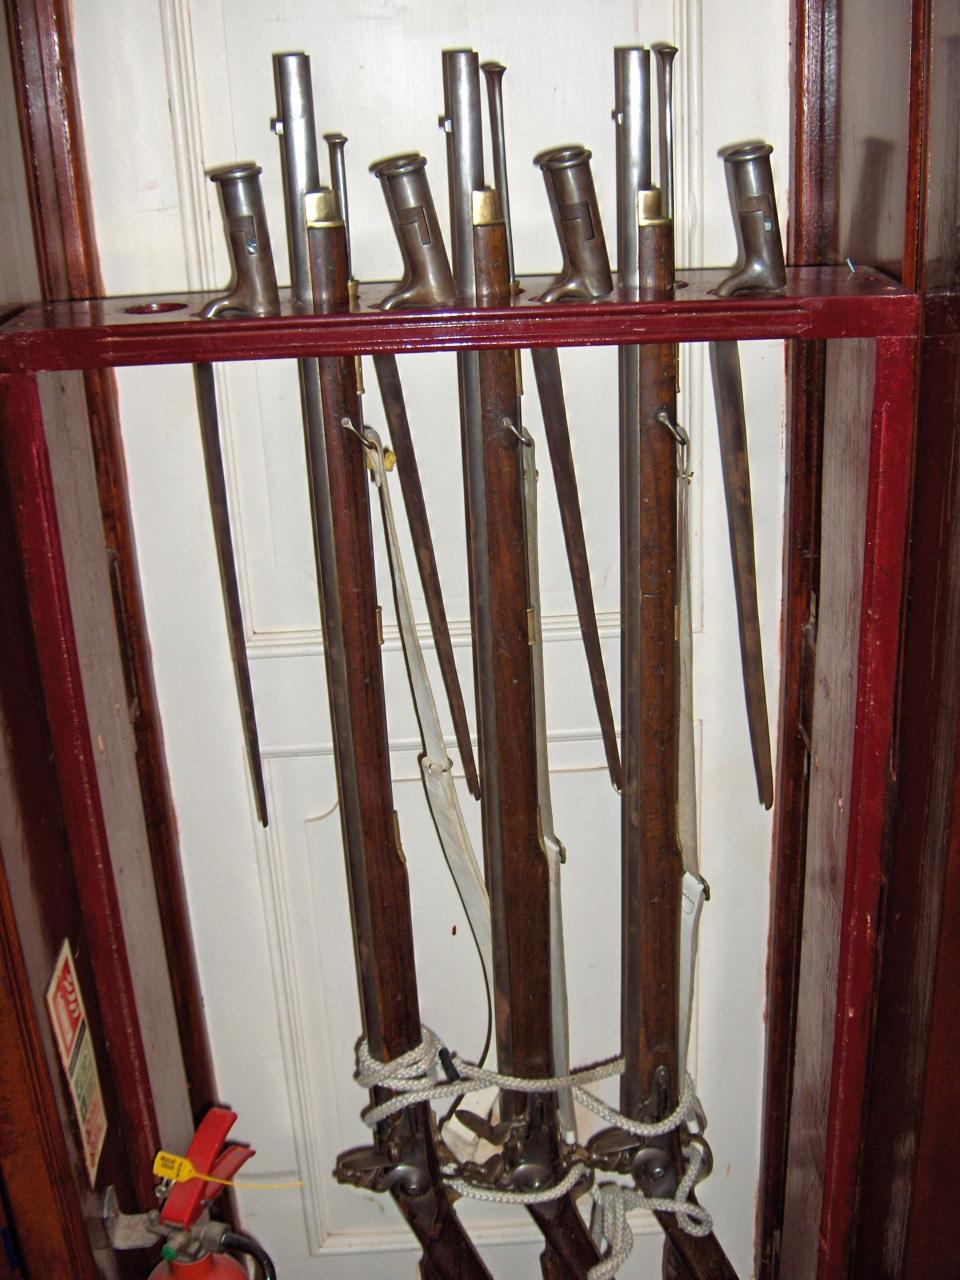 Armas Blancas de puño – Cuchillos, hachas, machetes y otr